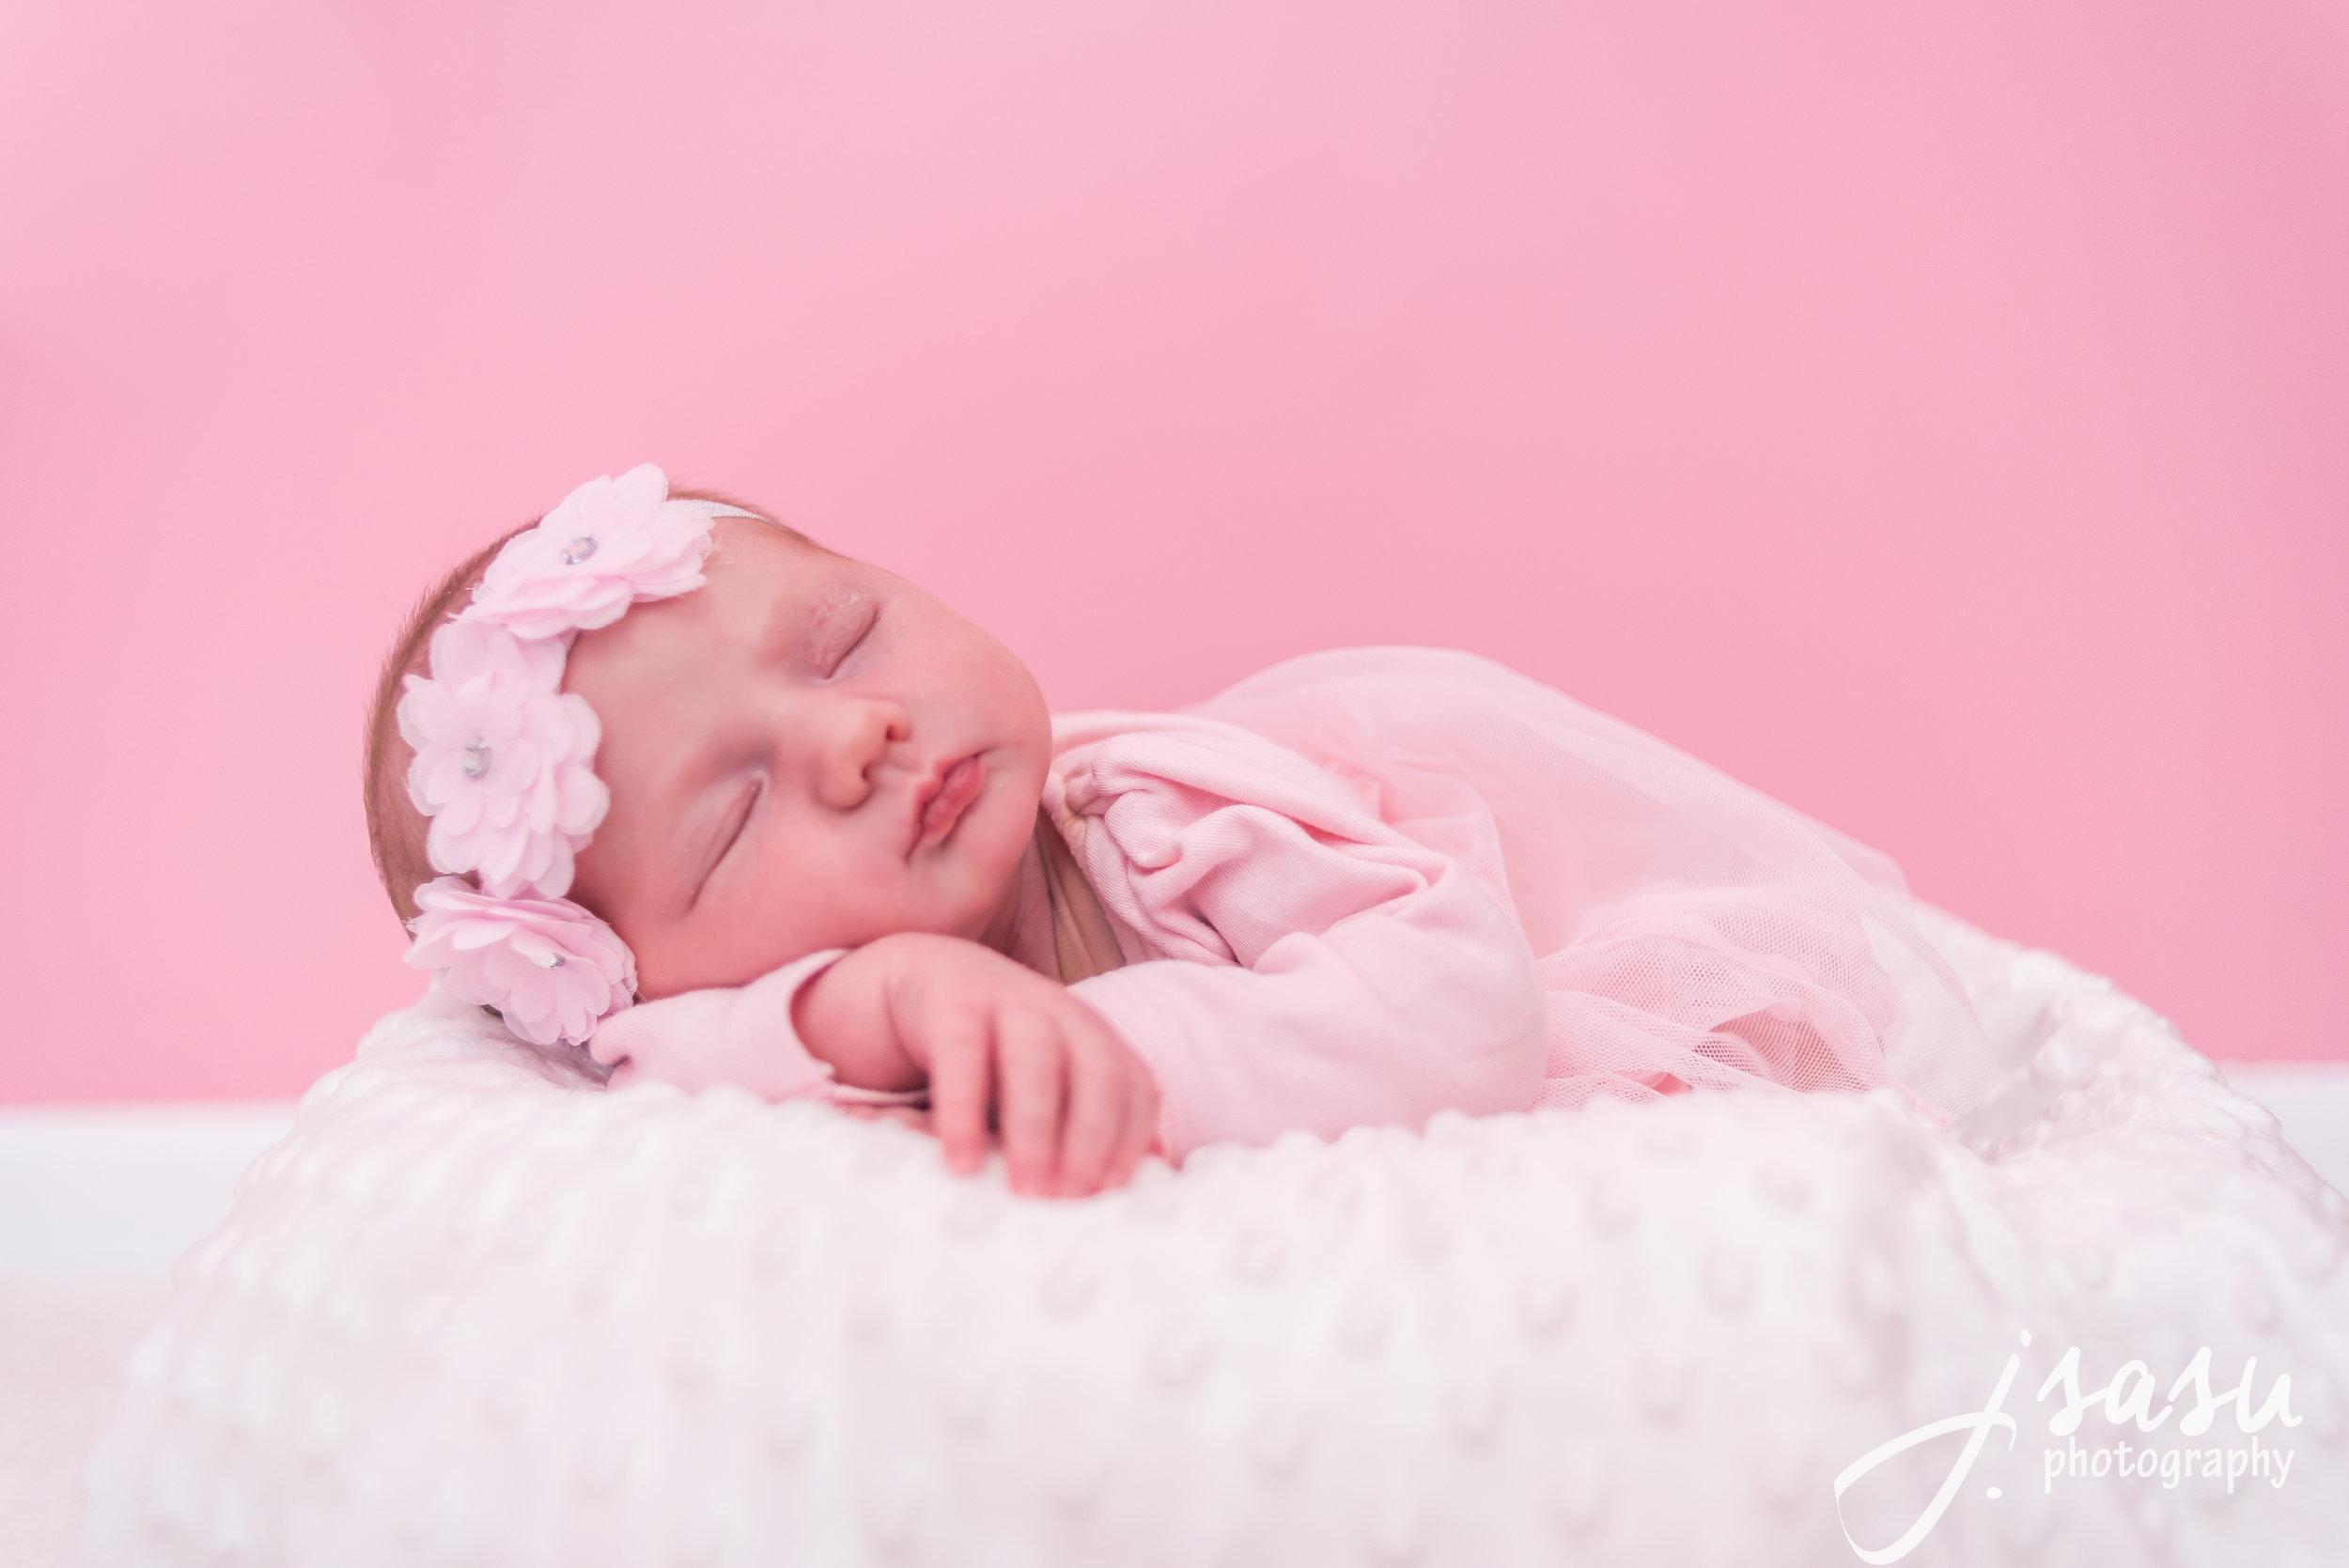 newbornhailey (1 of 5).jpg